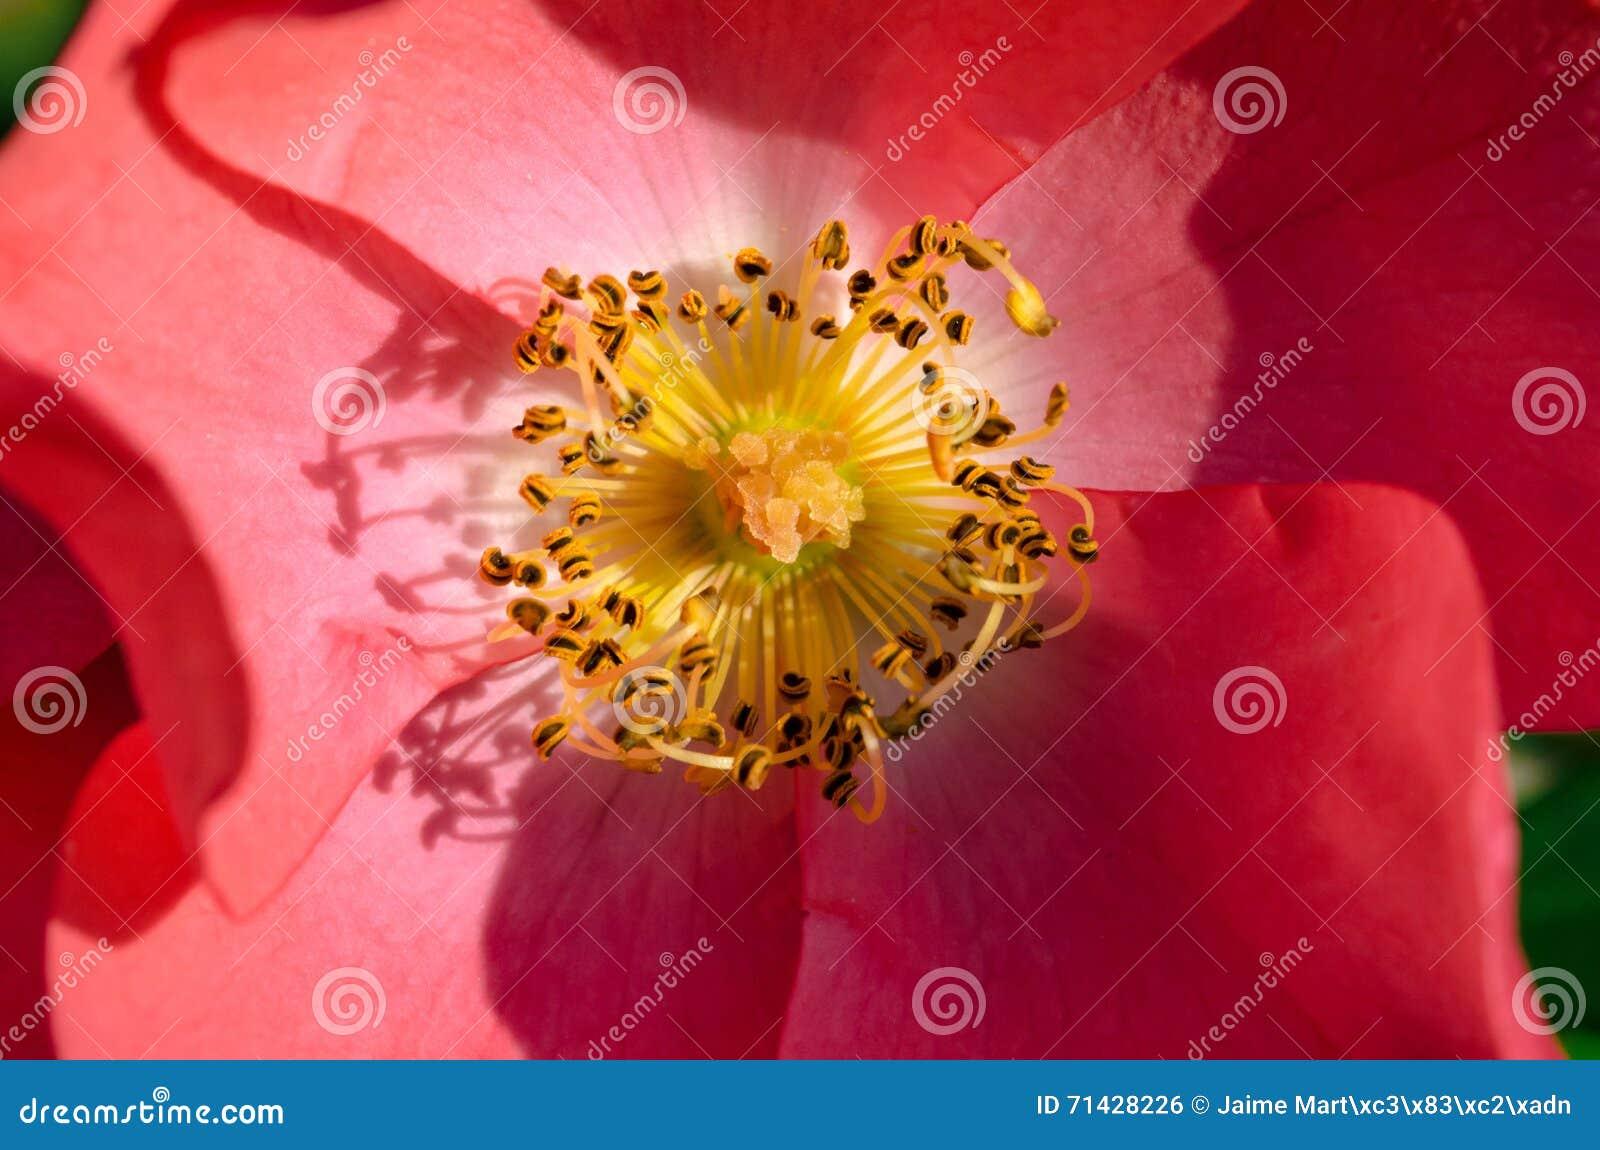 Fiori Gialli Con Pistilli Rossi.Fiore Rosa Con I Pistilli Gialli In Un Giardino Fotografia Stock